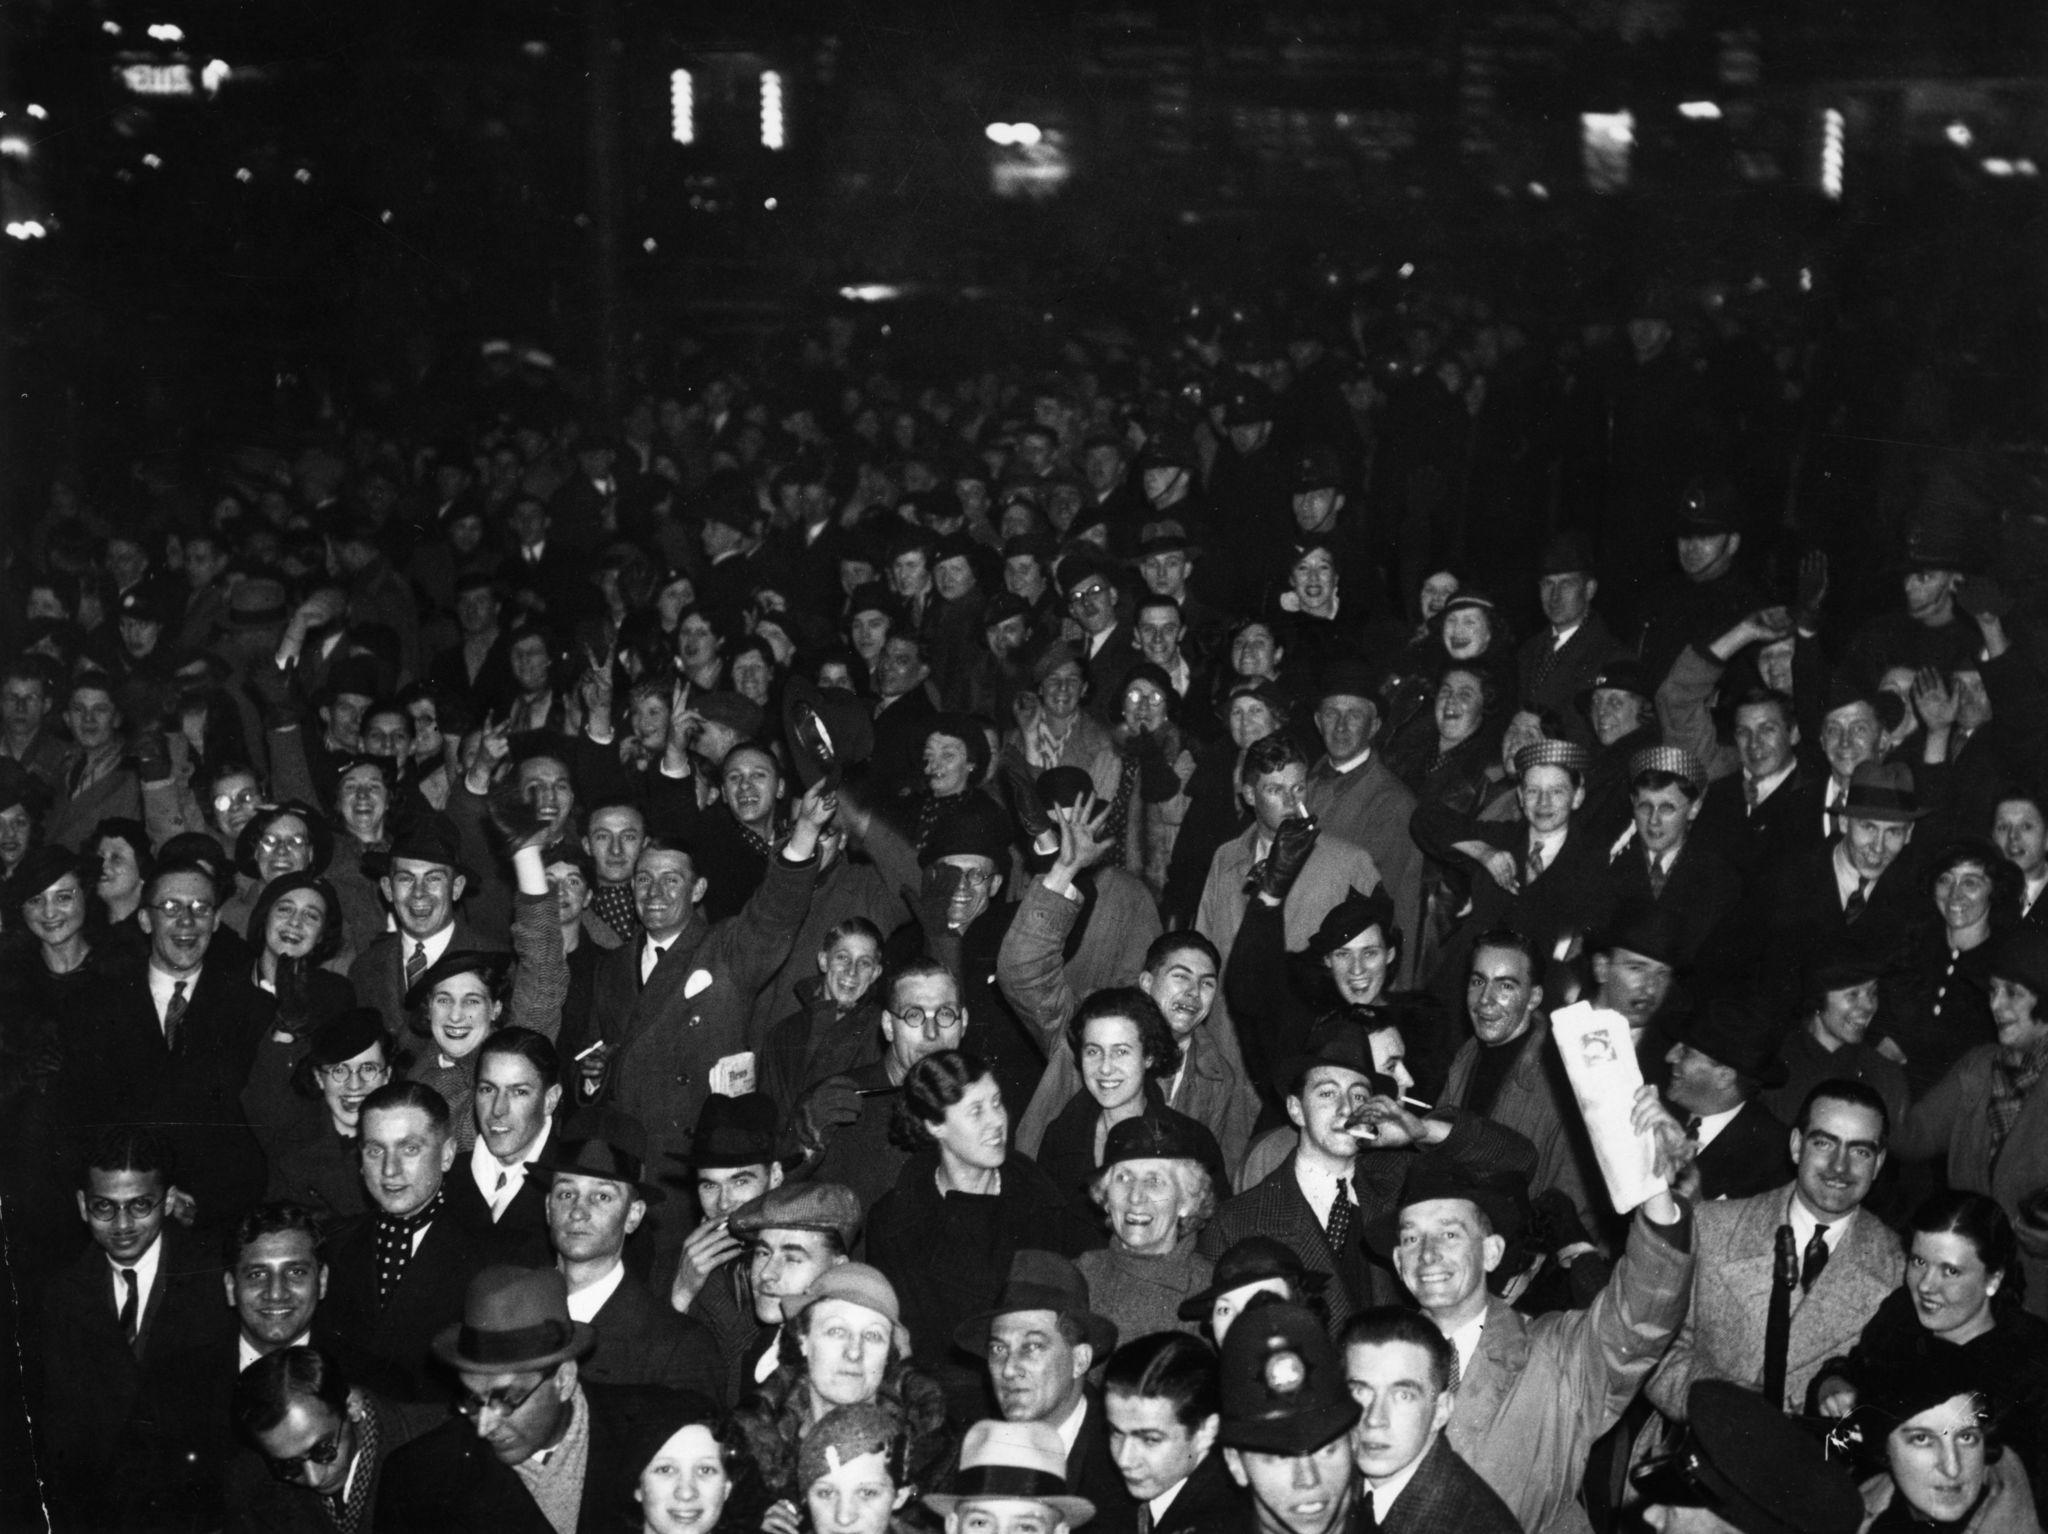 1935. Толпа людей собралась на площади Пикадилли, чтобы отпраздновать наступление 1936 года.jpg